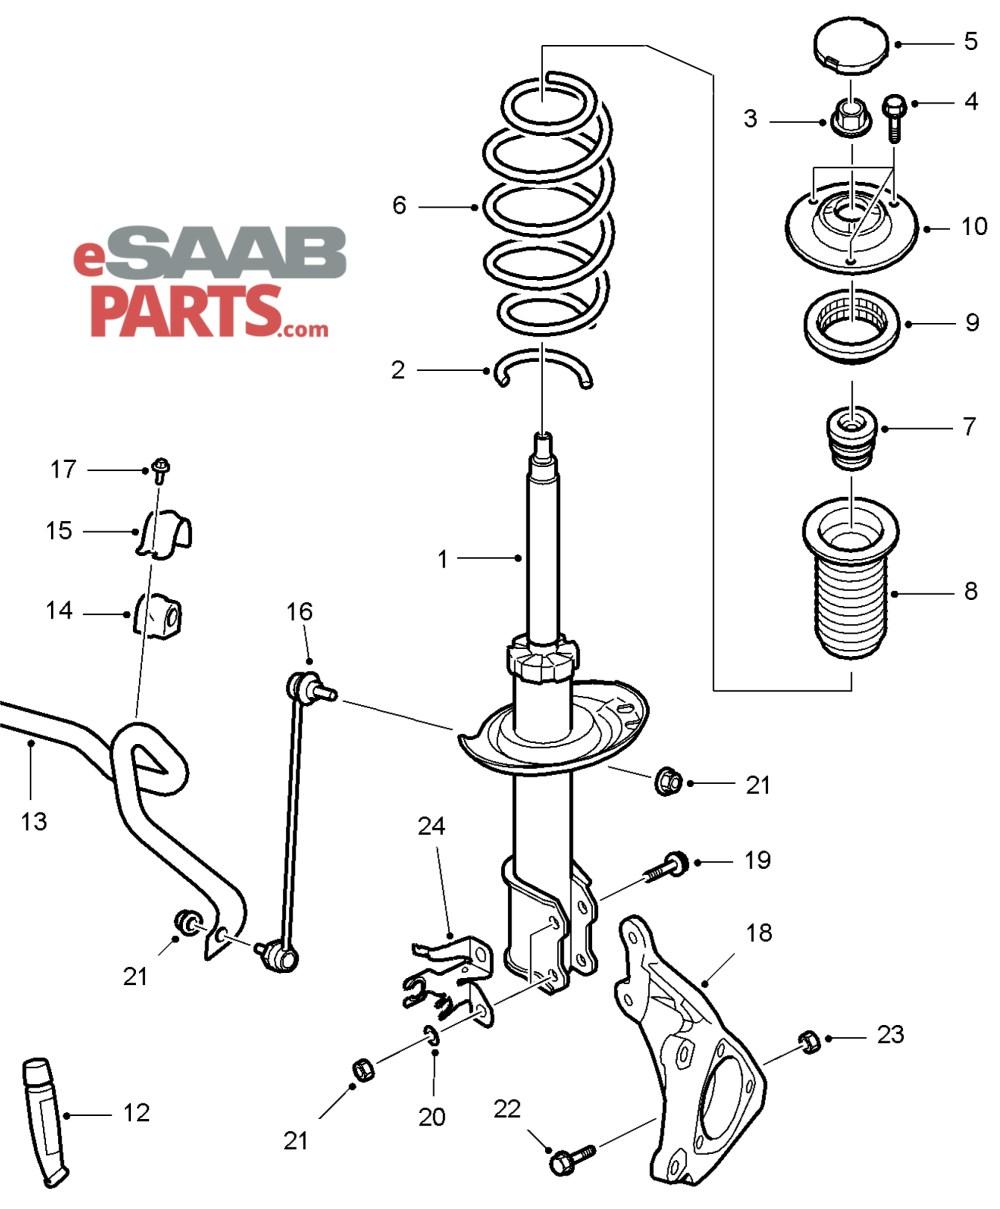 medium resolution of esaabparts com saab 9 3 9440 suspension wheels parts front suspension front suspension 06 11